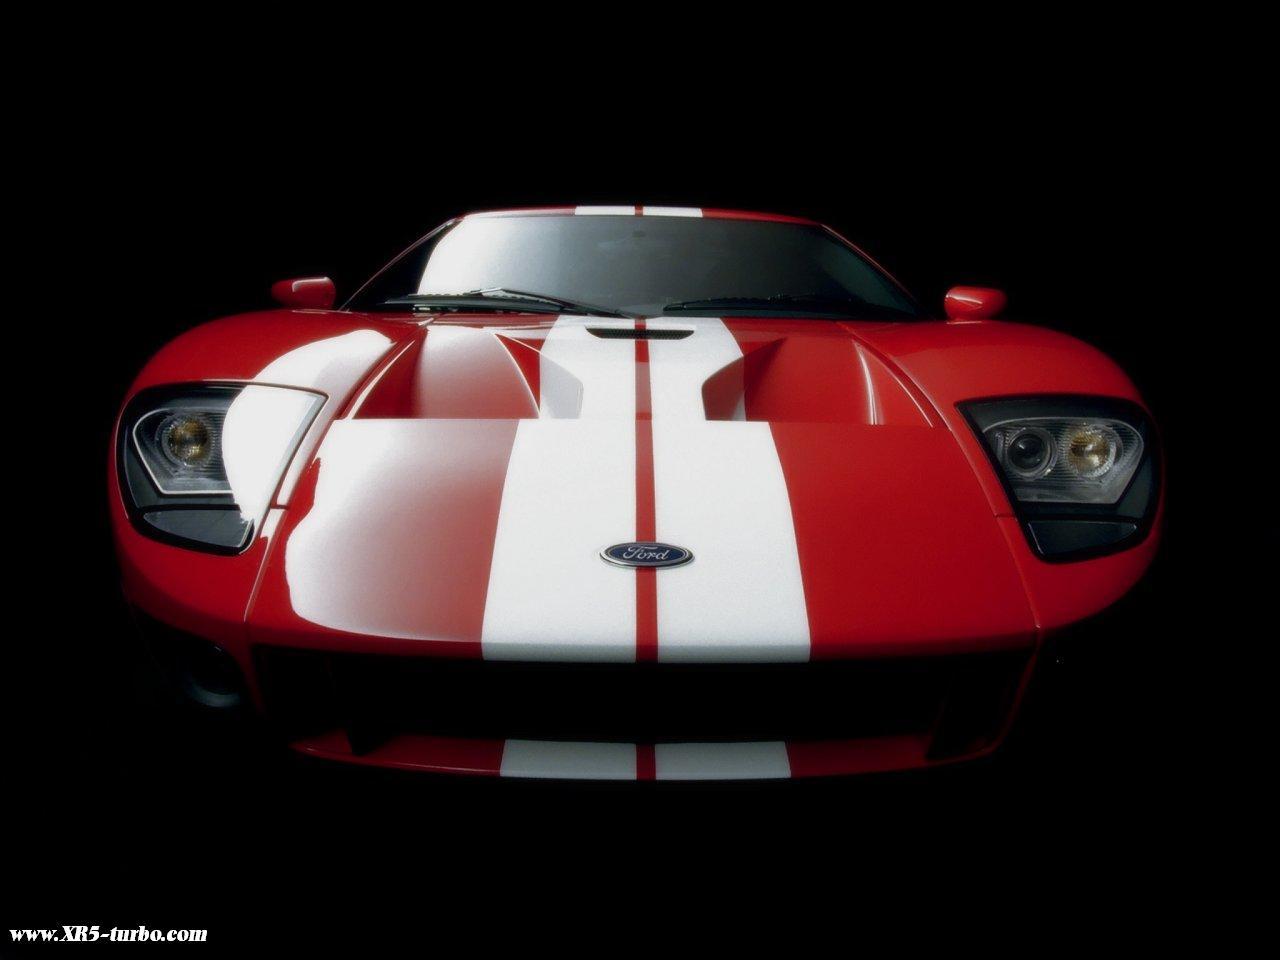 www.XR5-turbo.com - Ford GT